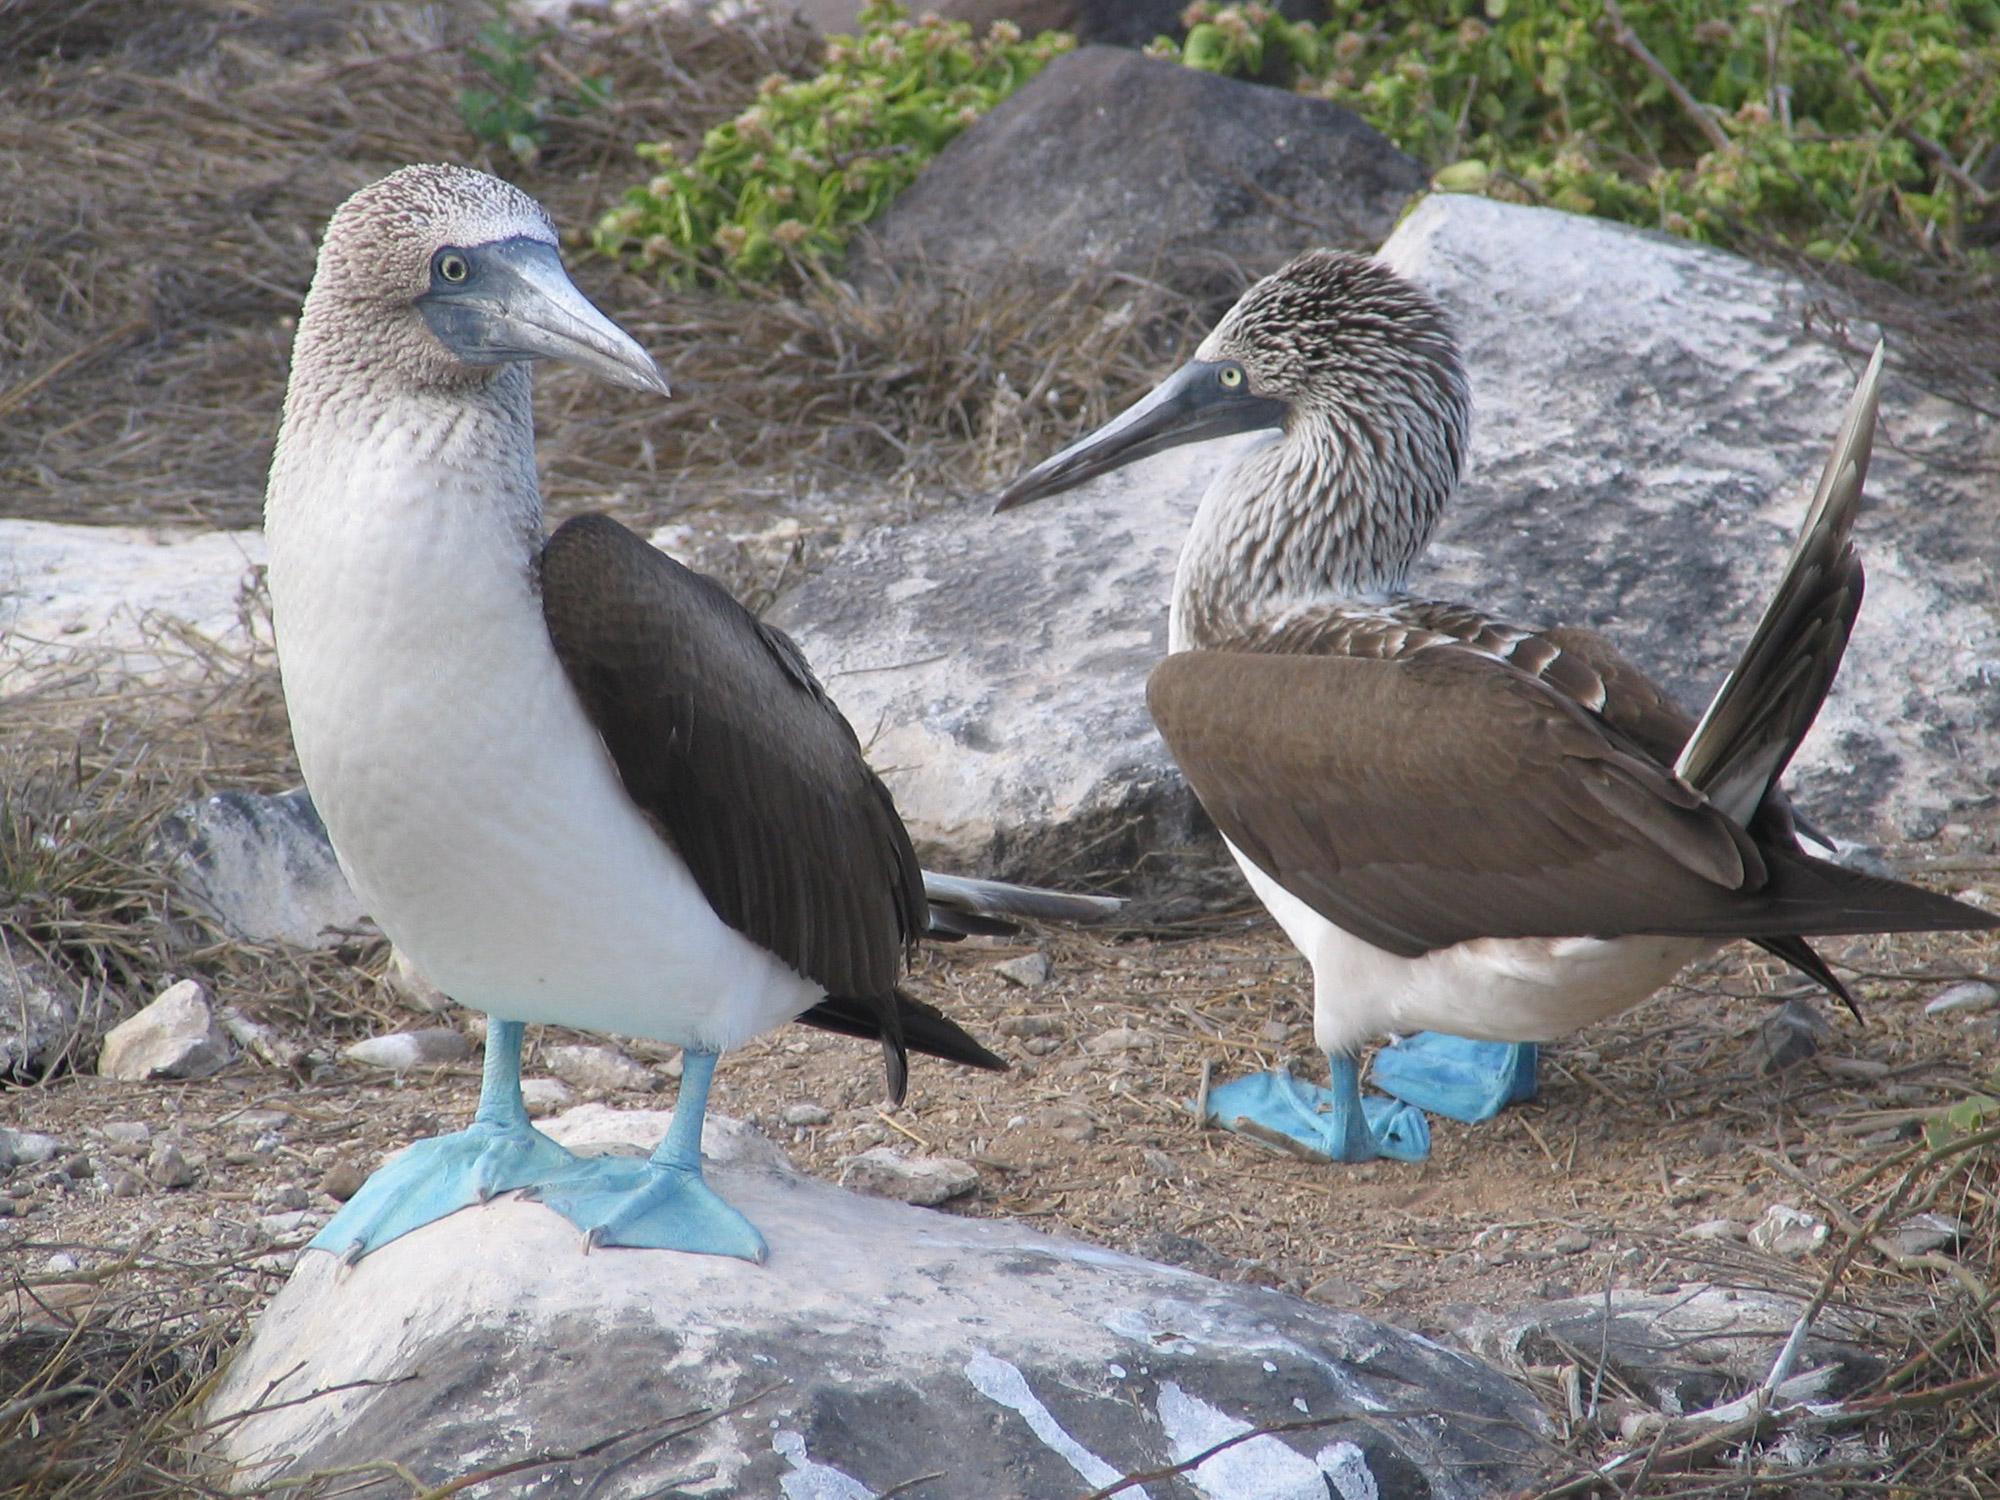 De volgers van Reizen & Reistips: Eric en Claudia - Jan van Genten op Galapagos Eilanden